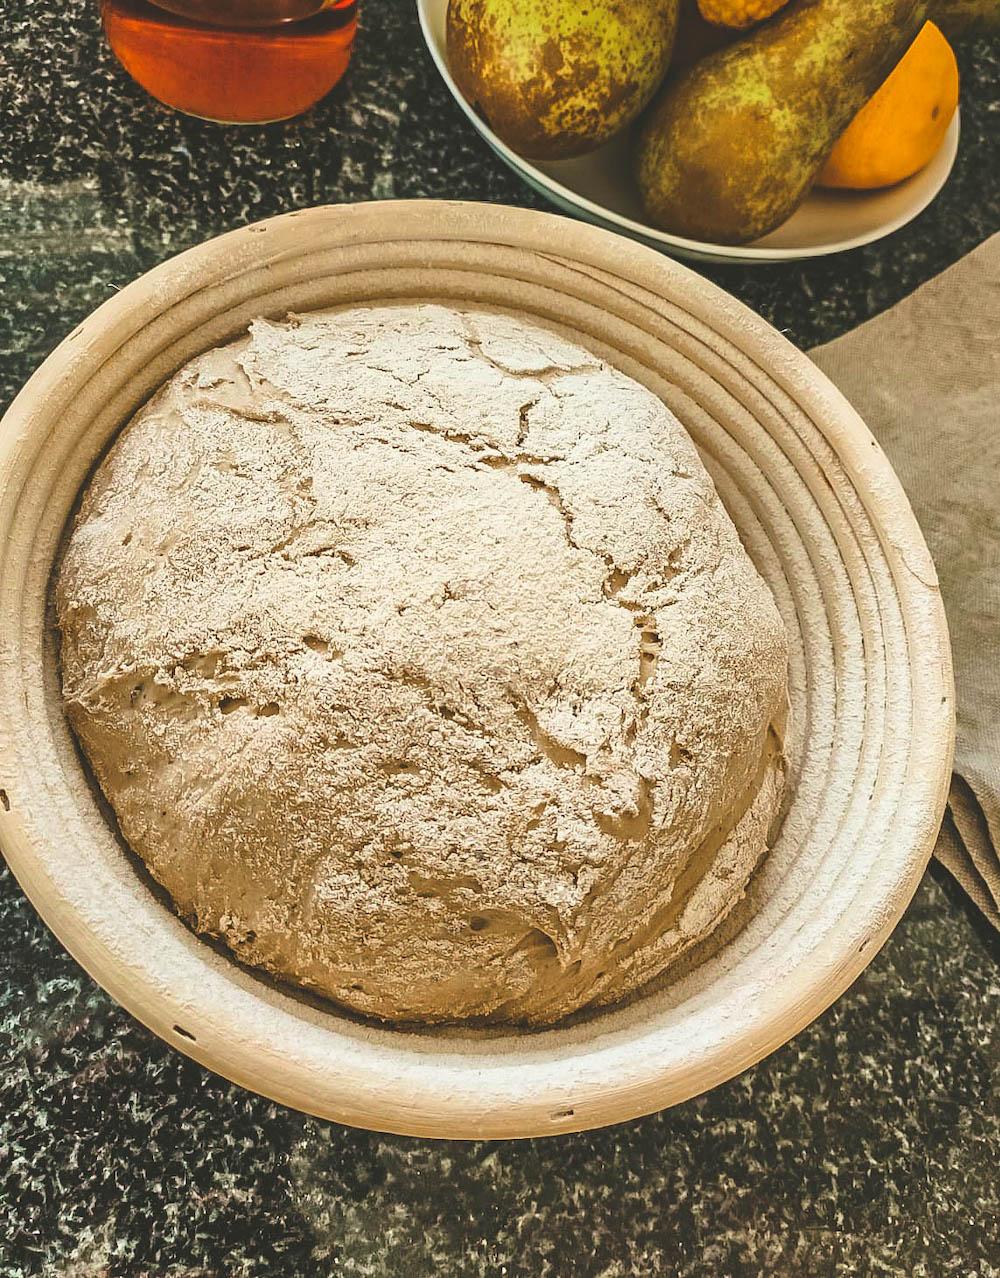 Brot backen - Vorbereitung im Simperl